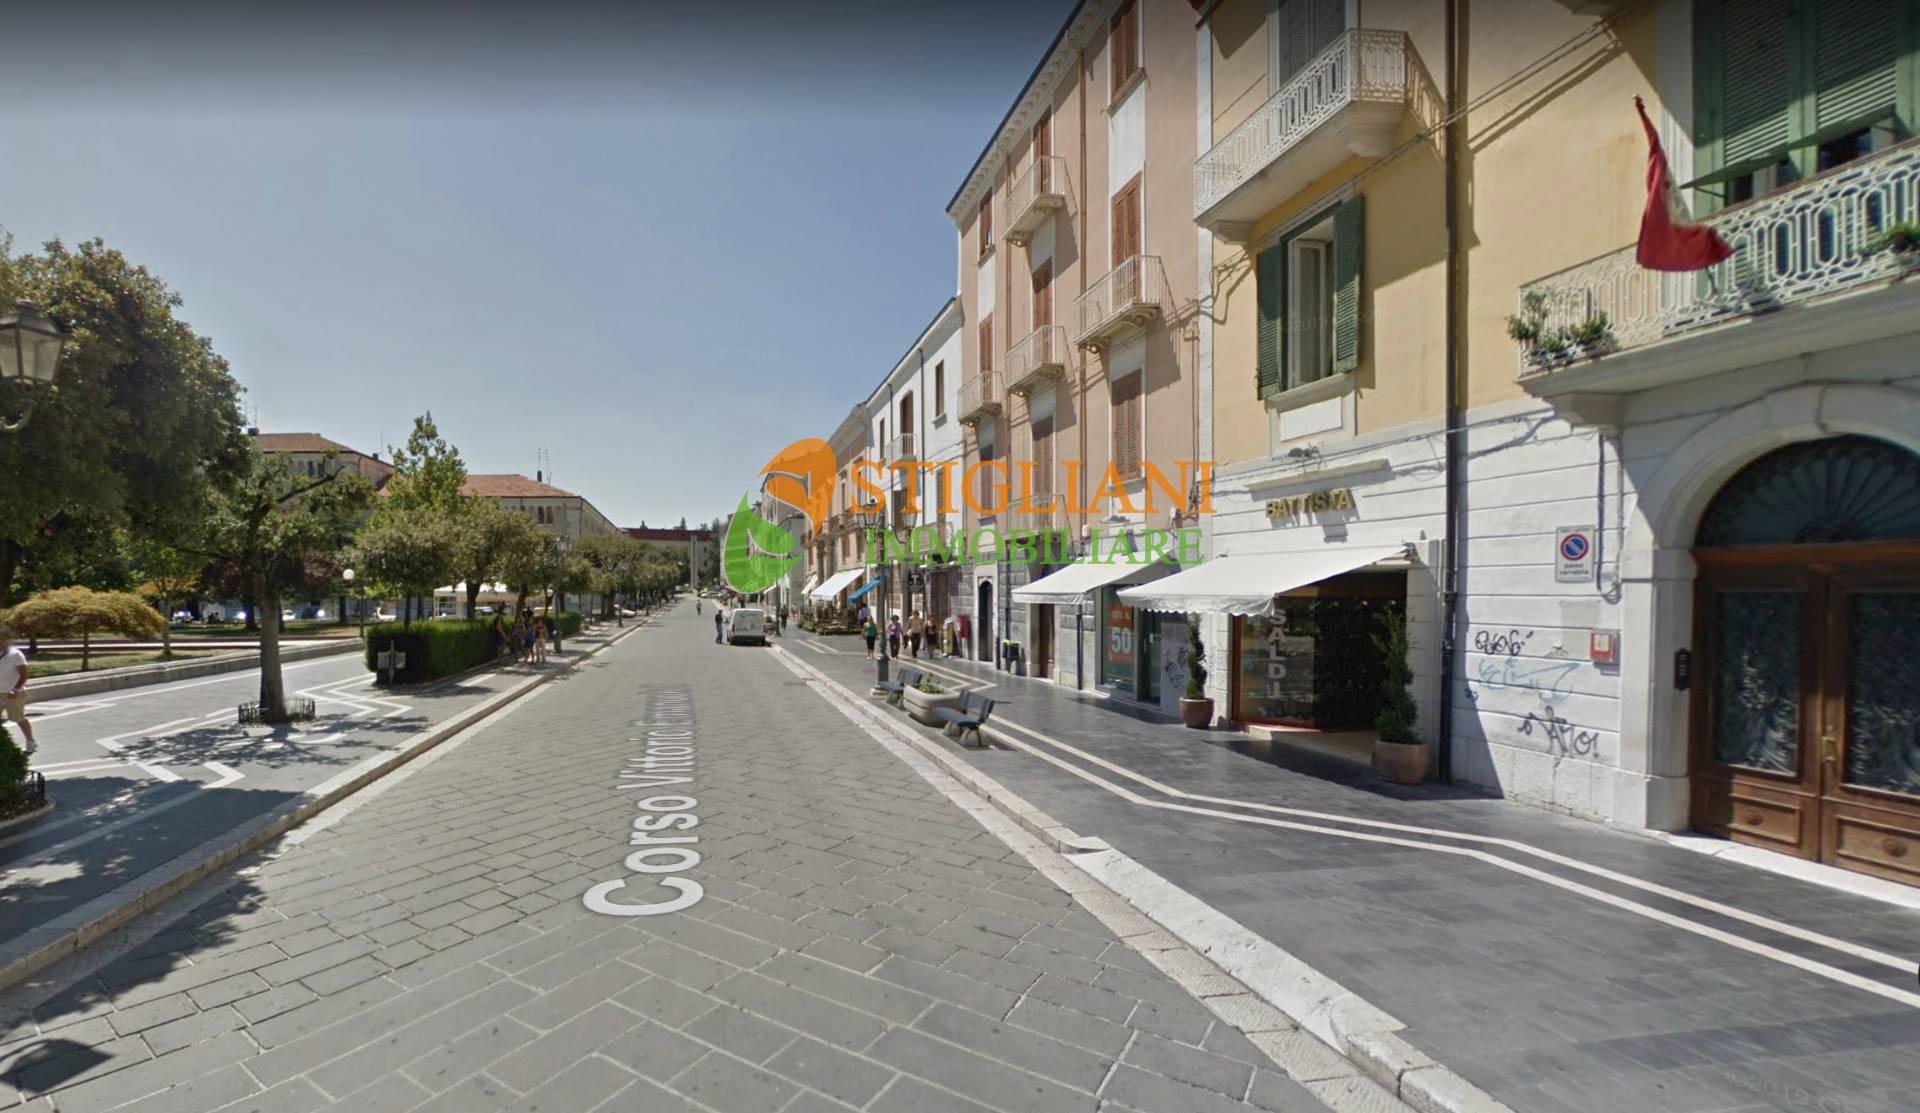 Negozio / Locale in affitto a Campobasso, 9999 locali, zona Zona: Centro, prezzo € 1.300   CambioCasa.it